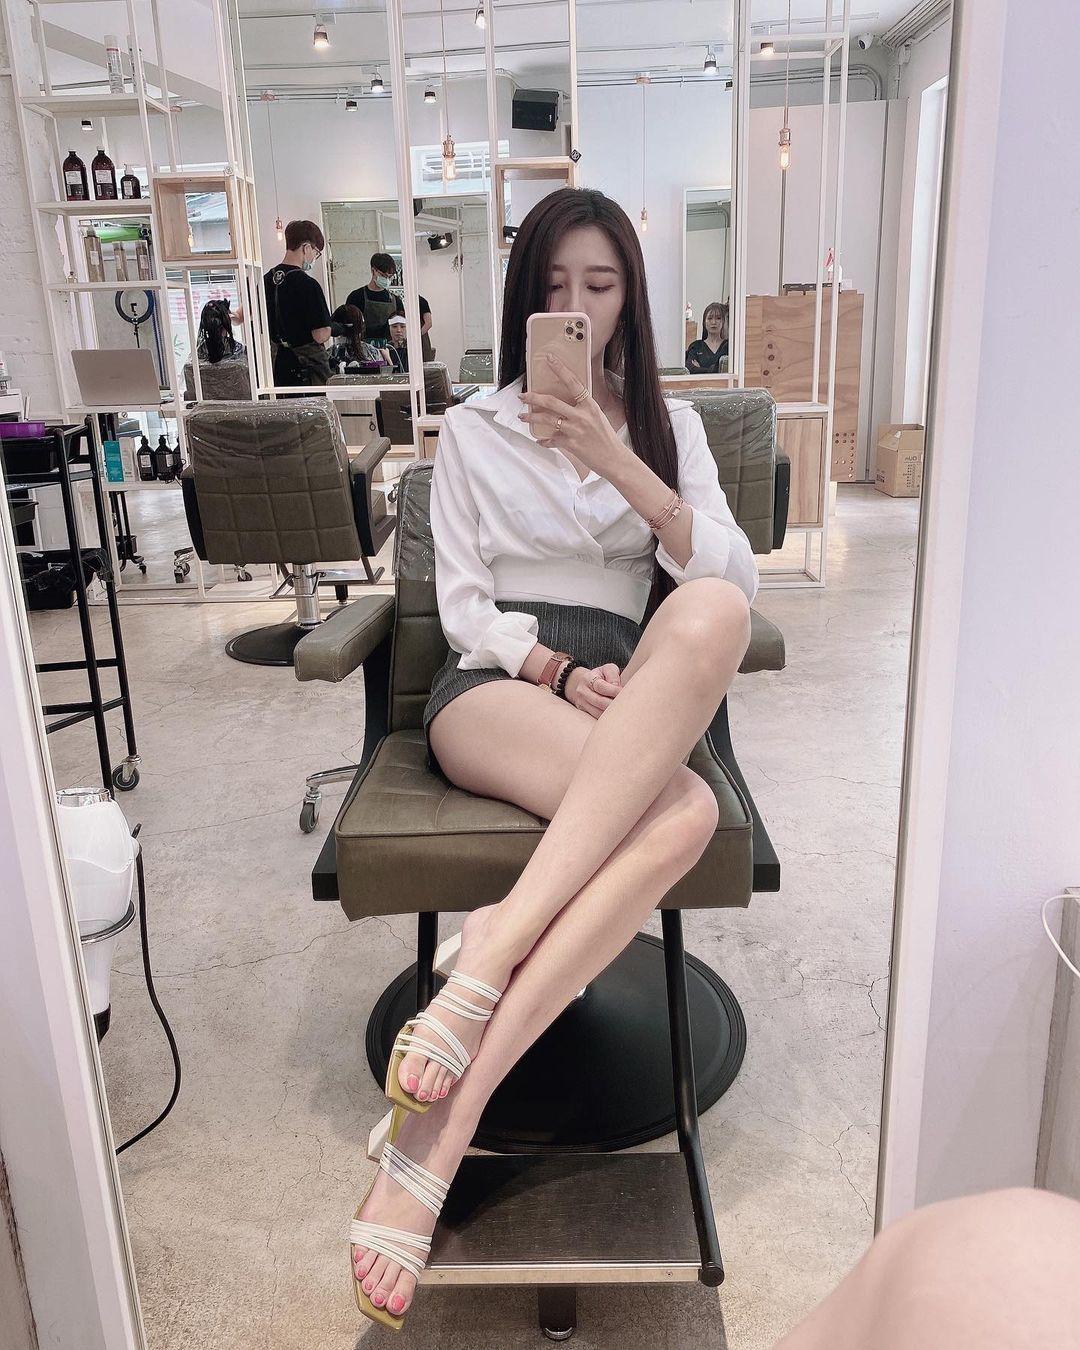 平面模特凯莉Kelly/冯怡翎白衬衫小窄裙OL套装 妹子图 热图2